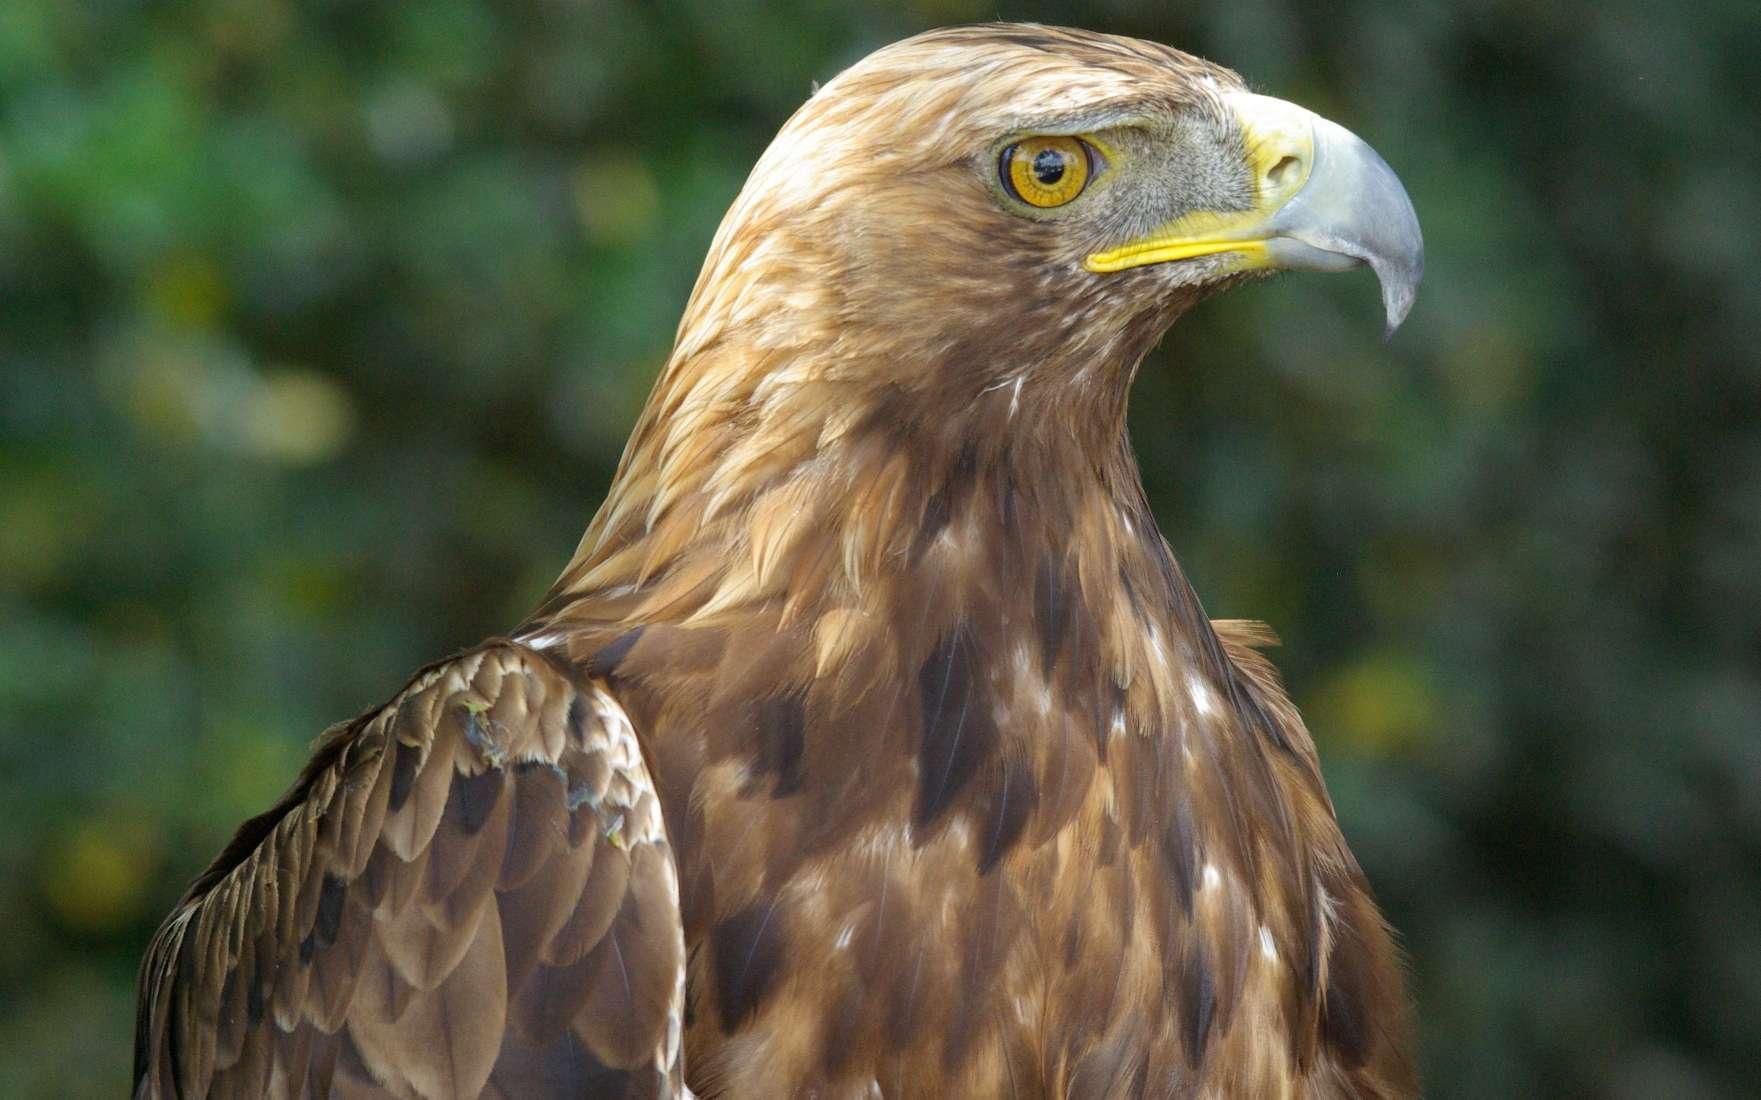 L'aigle royal, rapace majestueux et puissant, a été l'emblème de certains des empires les plus imposants de l'histoire. © Philippe Gourdain